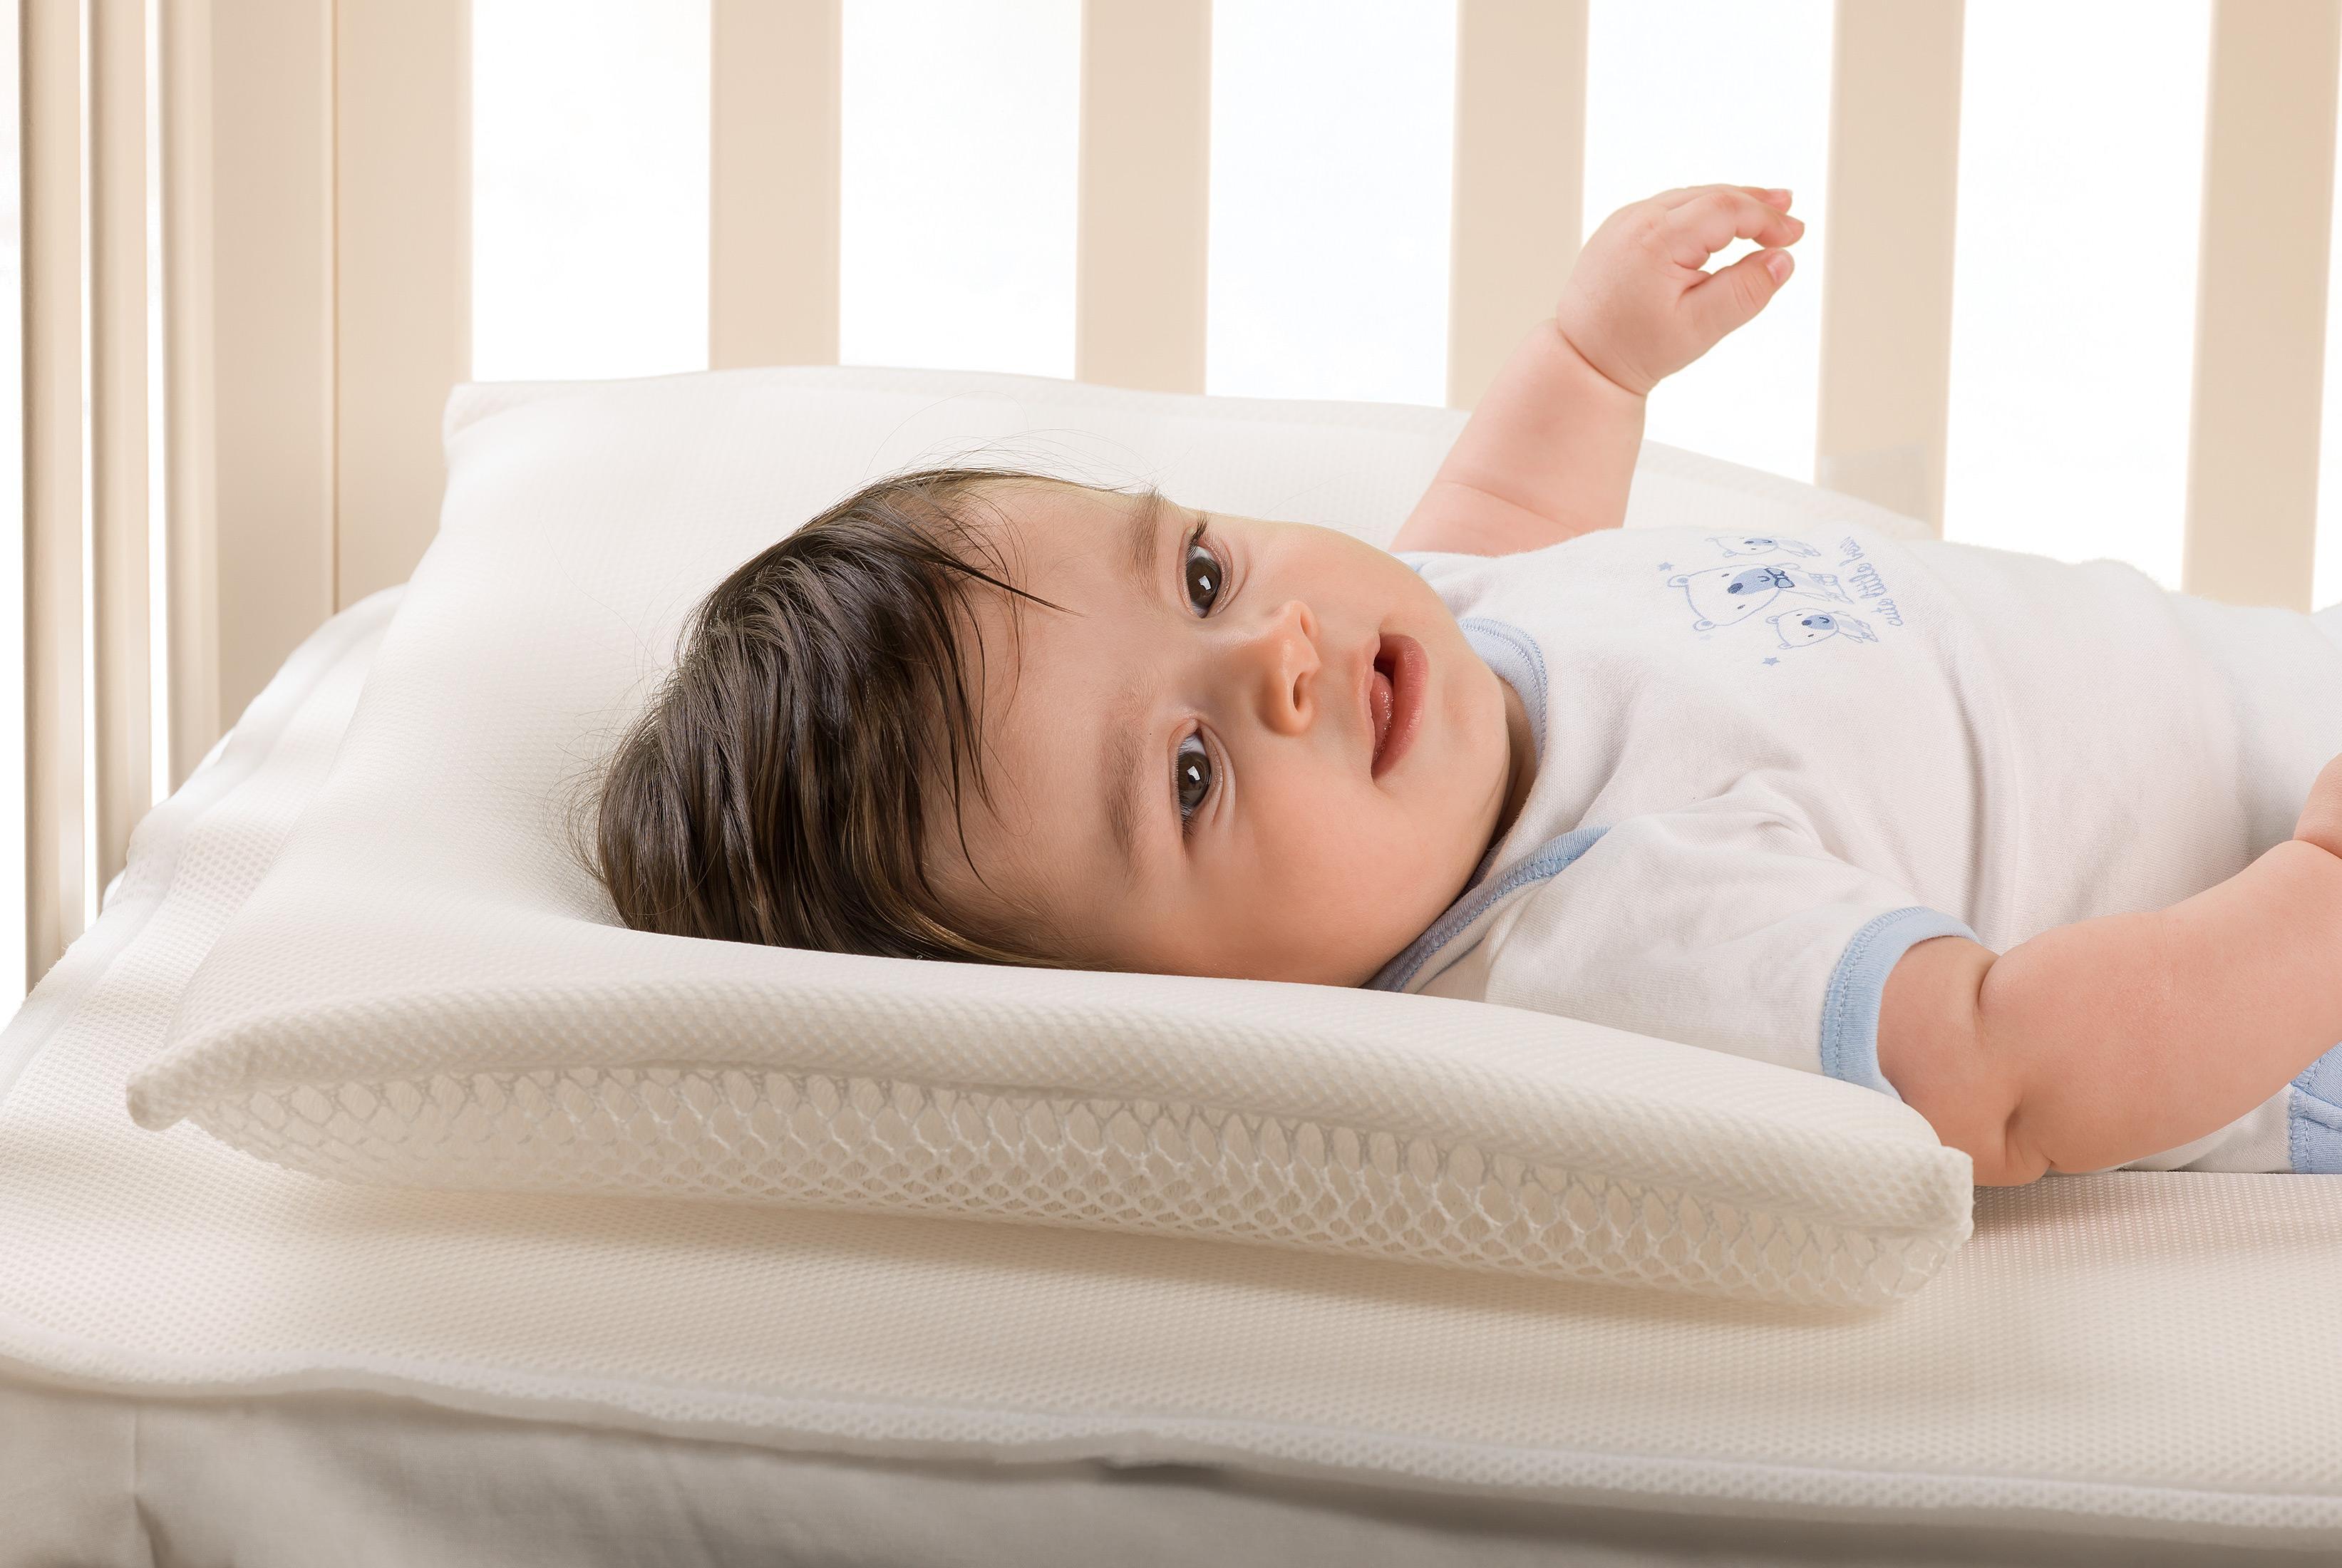 Как правильно ложить ребенка на ортопедическую подушку фото